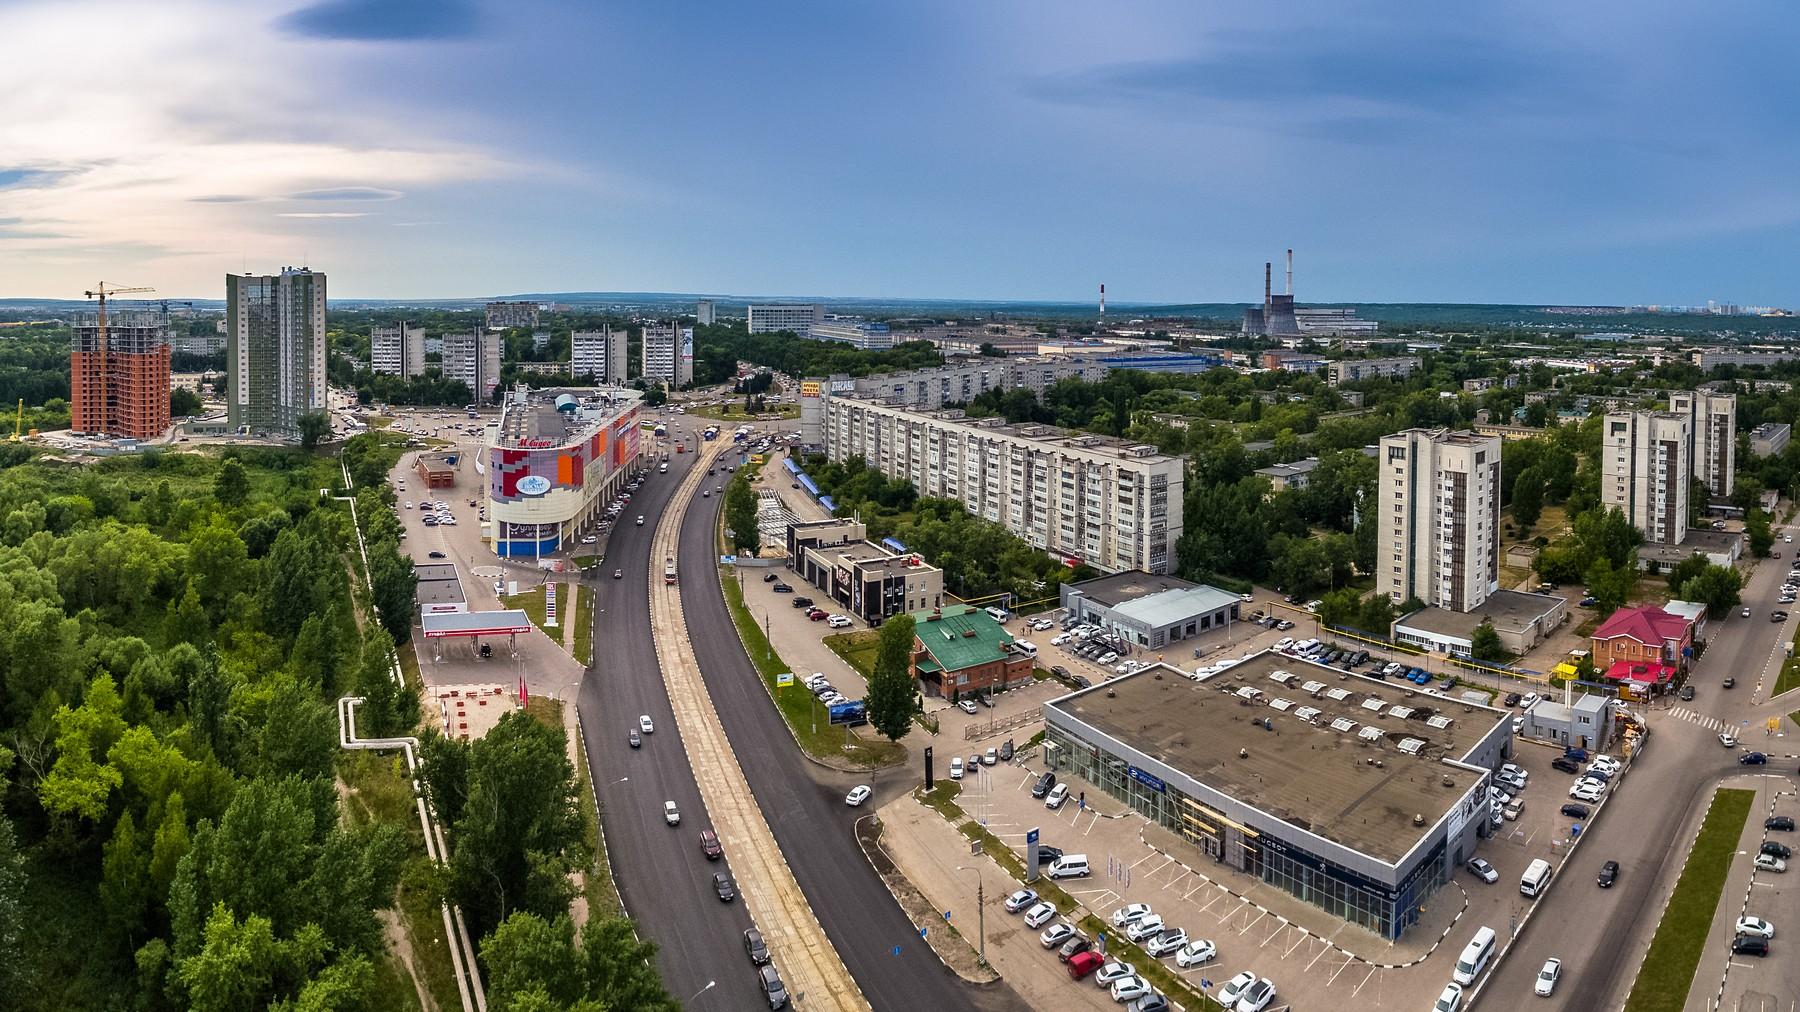 ulyanovsk036.jpg